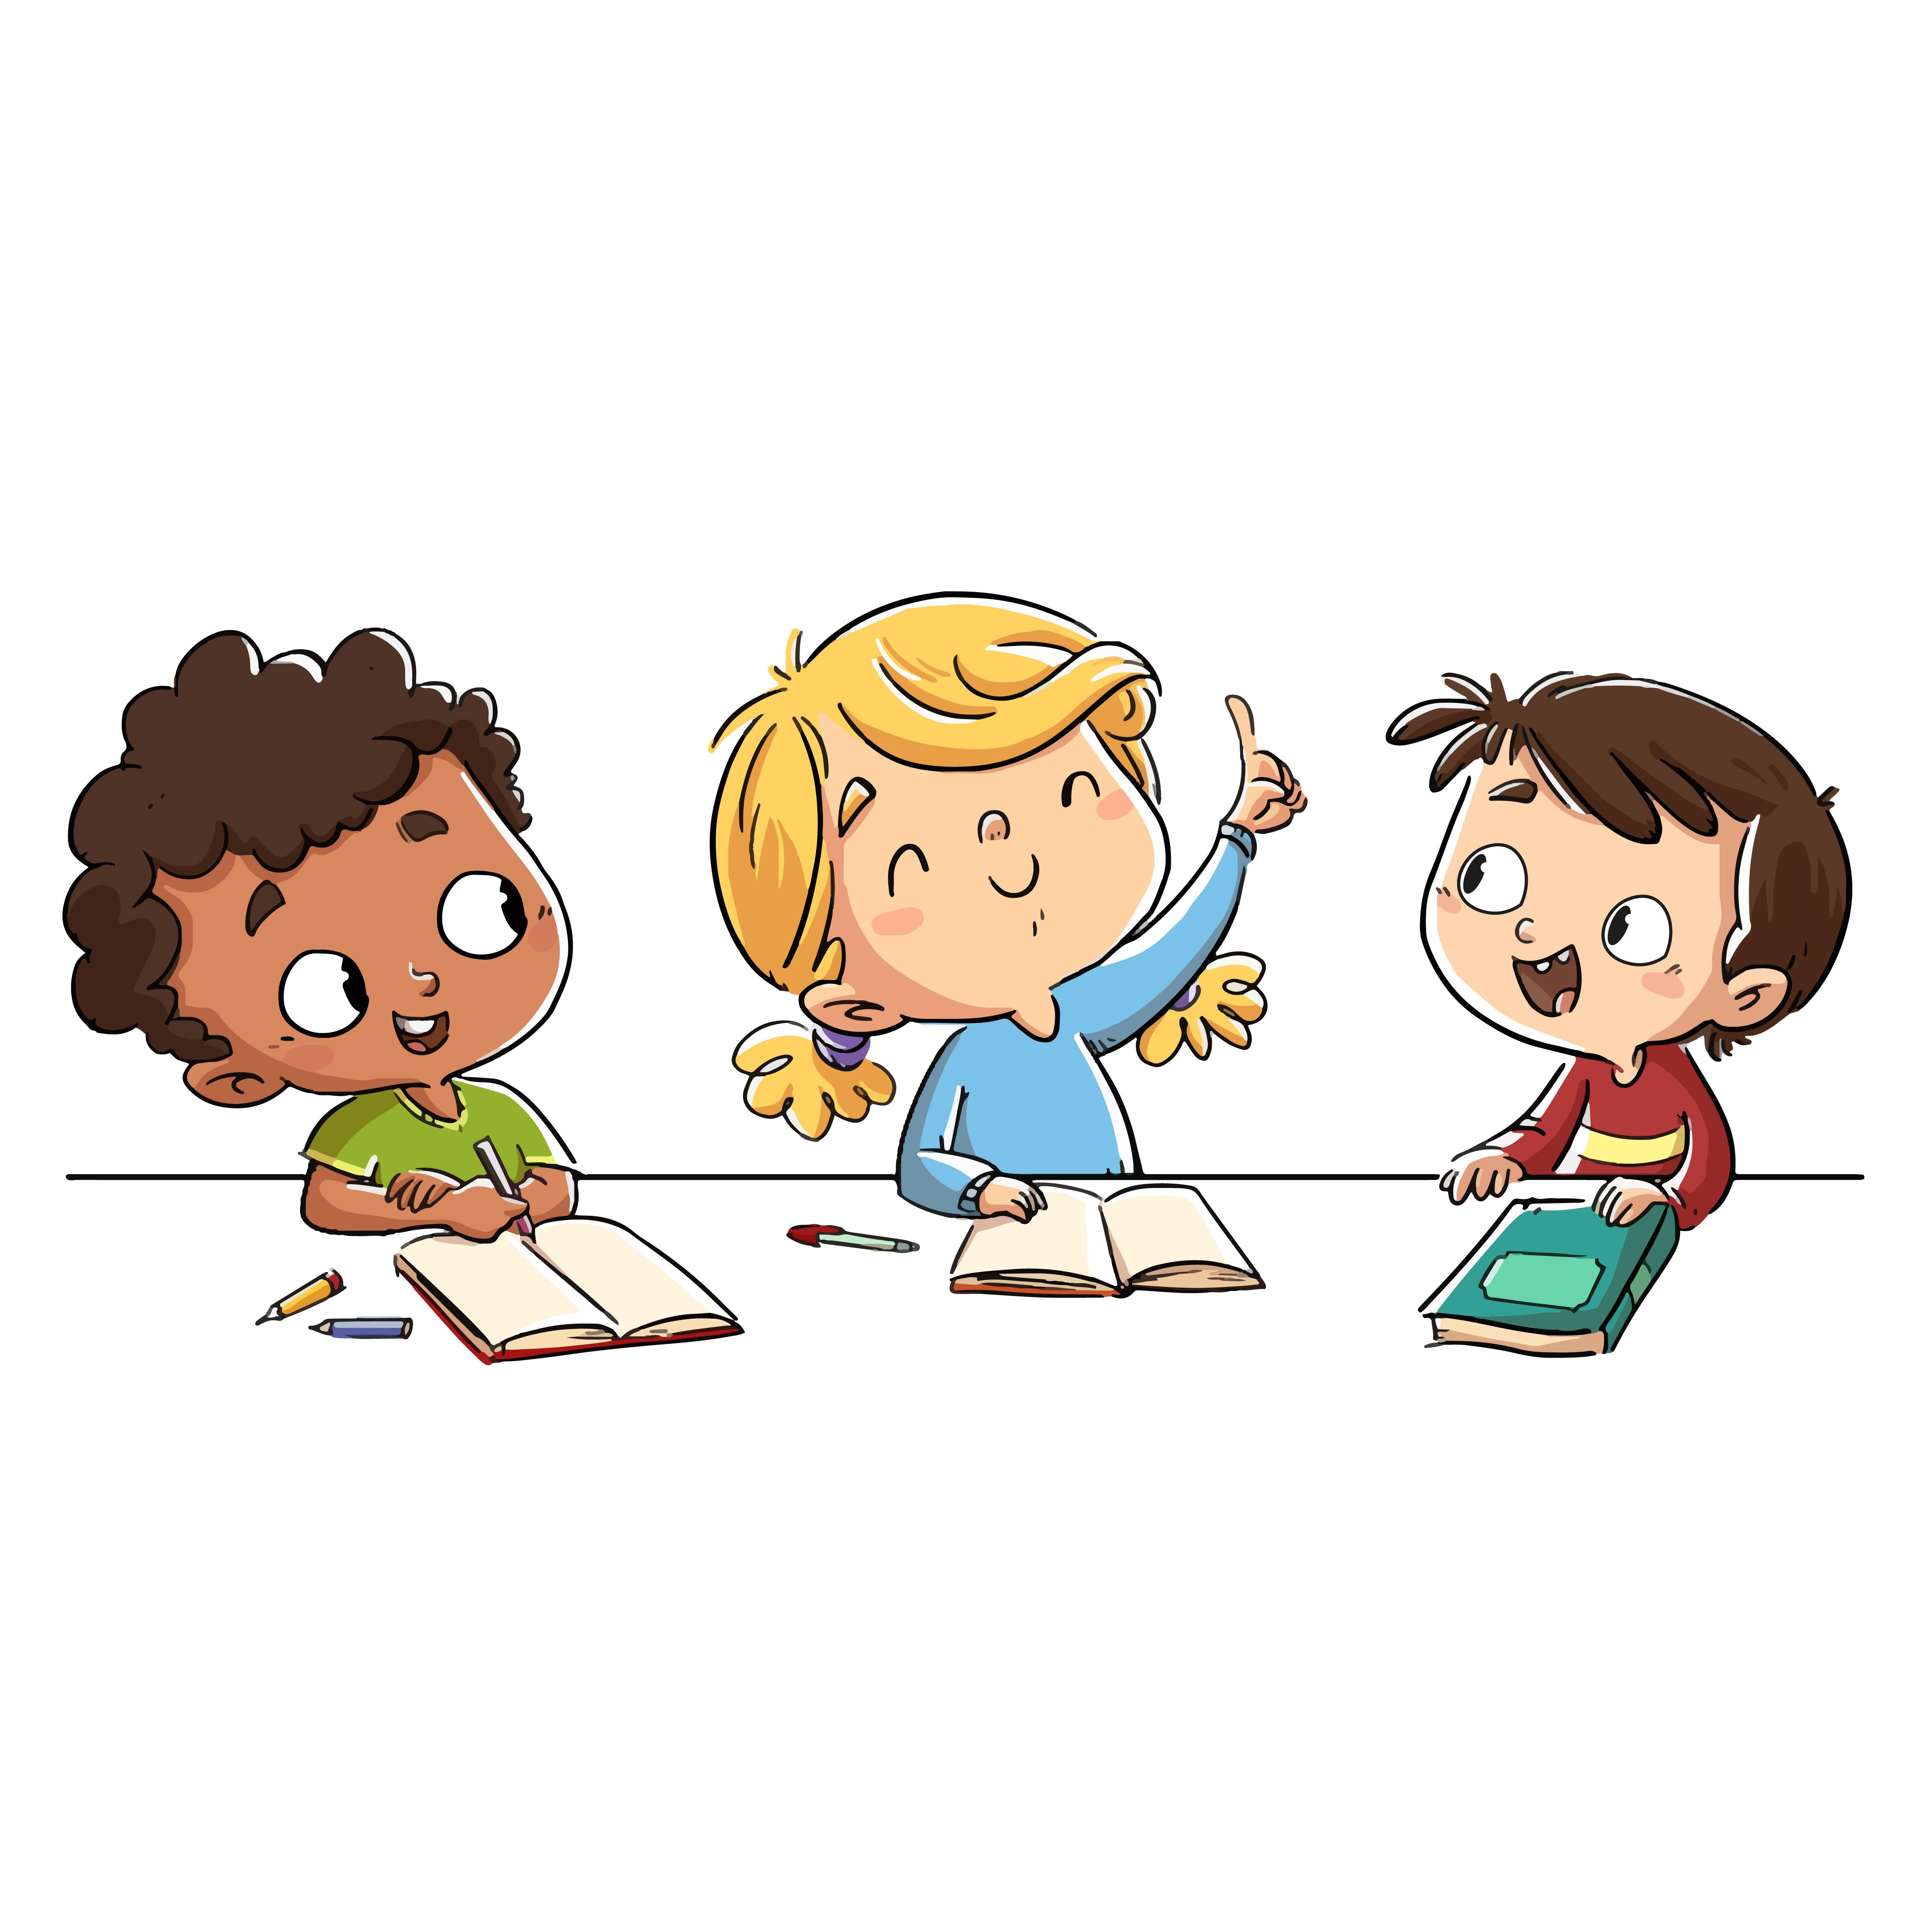 Three Children In Class Having Fun Download Free Vectors Clipart Graphics Vector Art